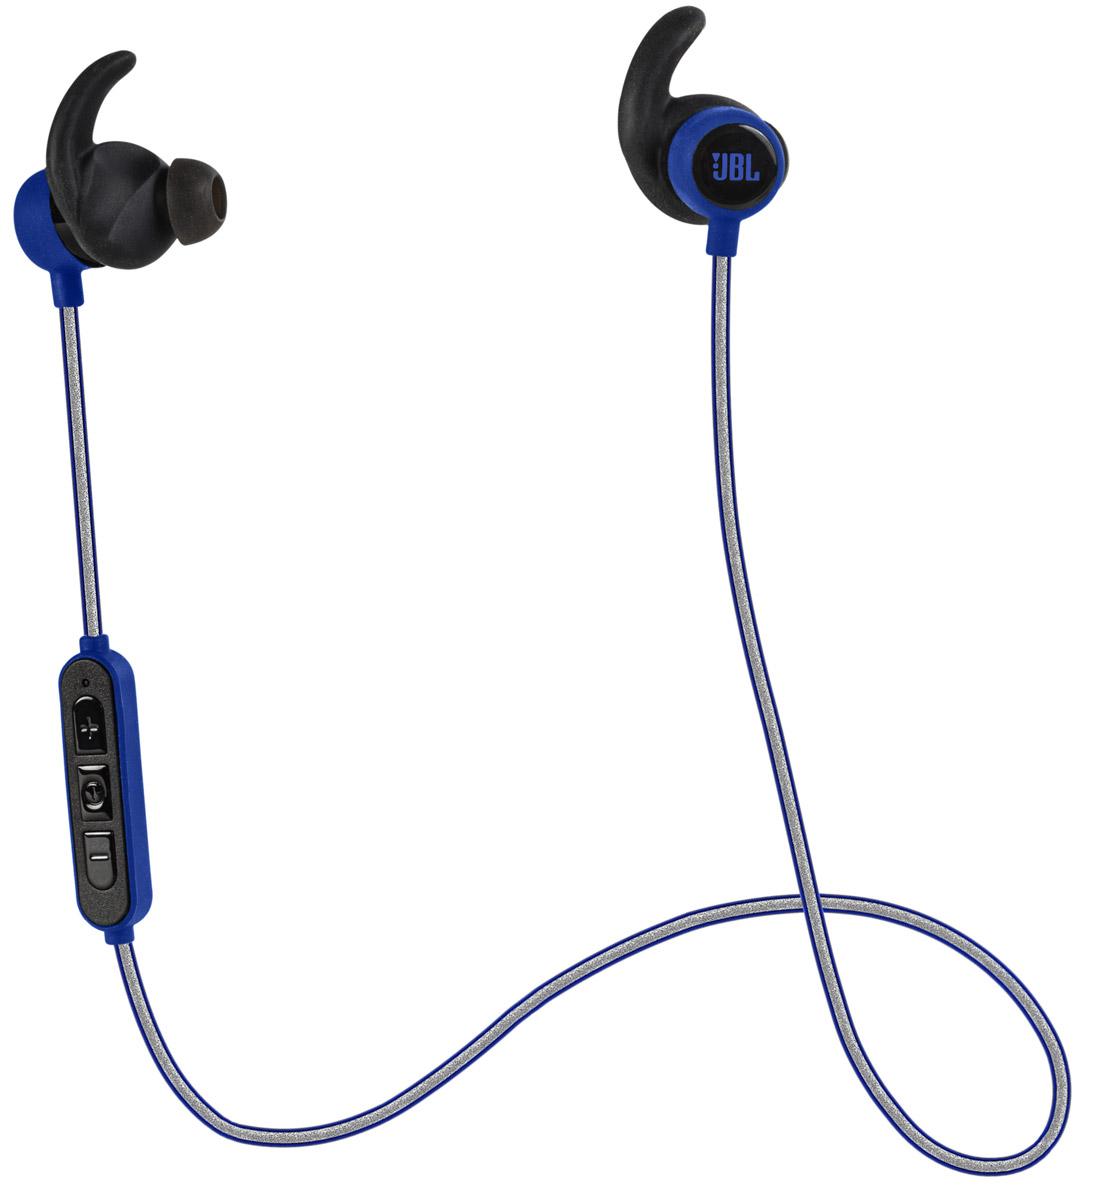 JBL Reflect Mini BT, Blue беспроводные наушникиJBLREFMINIBTBLUJBL Reflect Mini BT - это спортивные беспроводные наушники. Защищенные от капель пота, с вкладышами, не торчащими из ушей, эти сверхлегкие наушники обеспечивают потрясающее звучание JBL, вдохновляя вас на спортивные достижения. Дизайн, разработанный специально для тренировок, защитит наушники от капель пота, и они будут дарить легендарное звучание JBL несмотря ни на что. Поддержка технологии Bluetooth позволяет передавать потоковую музыку в высоком качестве с мобильных устройств. Источником звука может быть мобильный телефон, планшетное устройство или ноутбук - эта модель сможет с ним работать. Выполняйте кроссфит с уверенностью и тренируйтесь с легкостью, поскольку спортивные Bluetooth-наушники JBL Reflect Mini не ограничивают вас проводами и обеспечивают 8 часов воспроизведения через высококачественные 5,8-мм мембраны. Пульт управления и микрофон, управляемые одной кнопкой, стильный ассортимент цветов и возможность с легкостью...